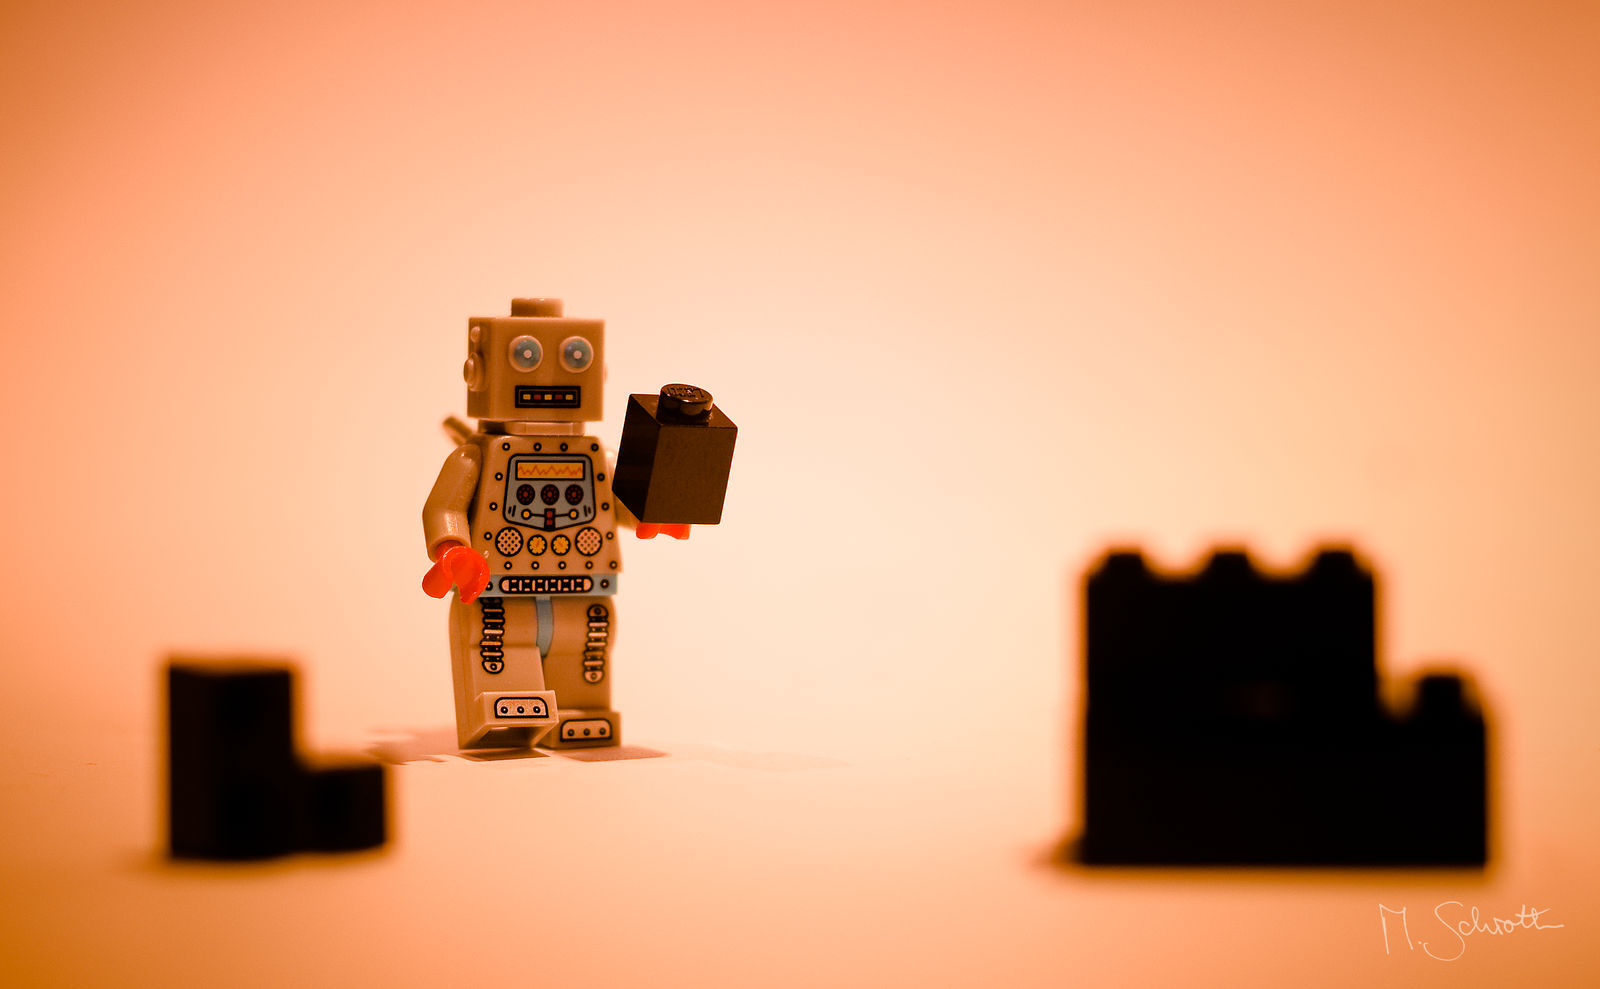 Robot on Mars.